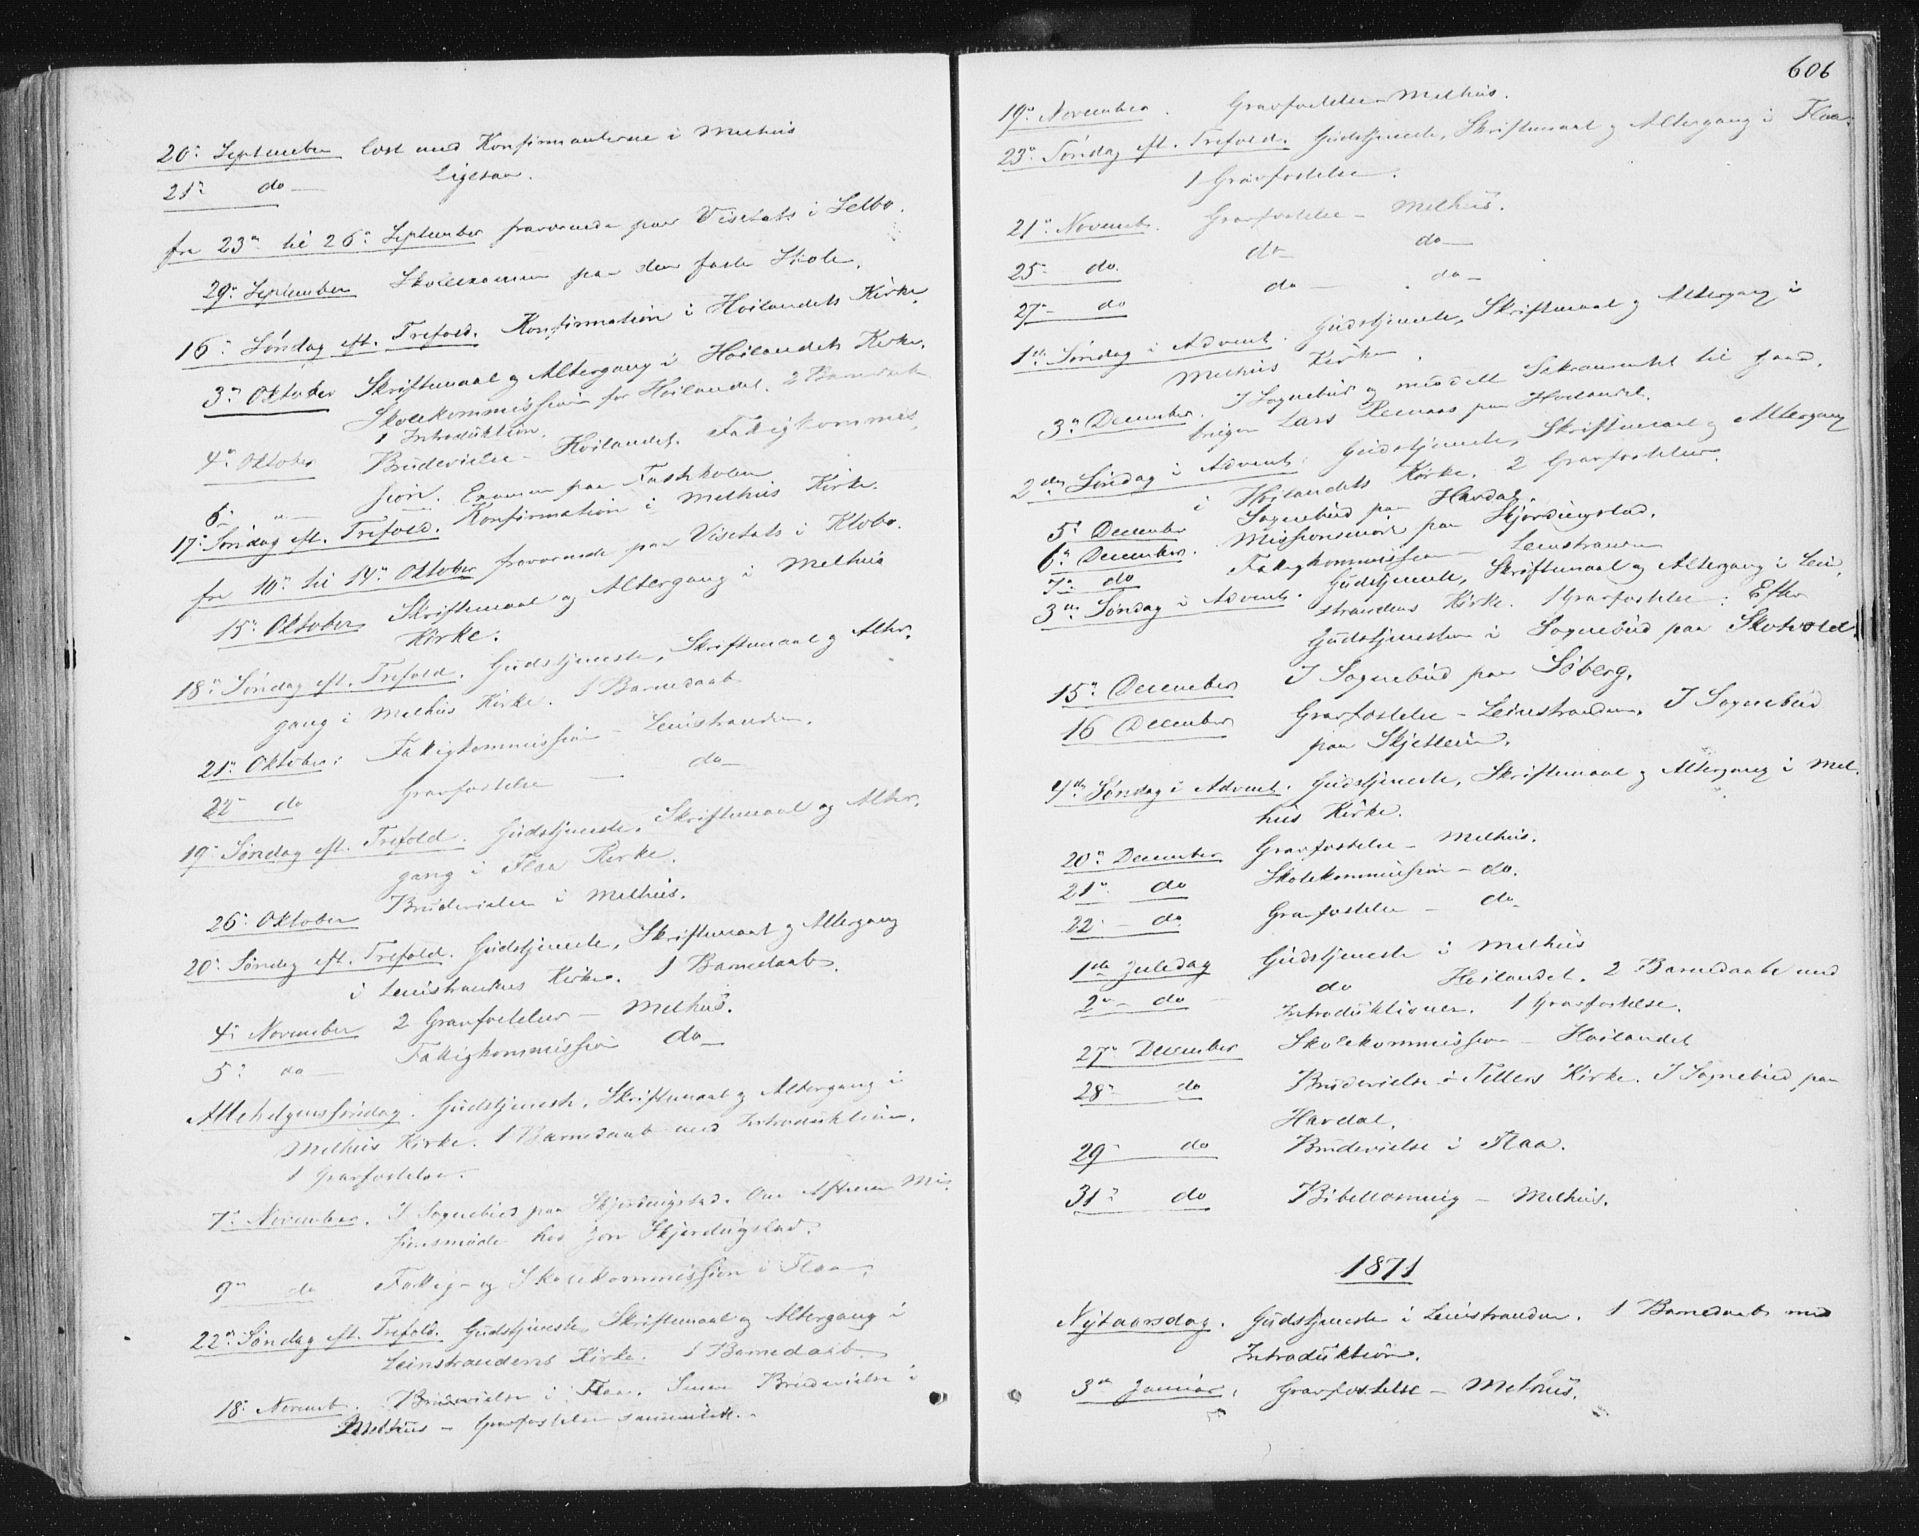 SAT, Ministerialprotokoller, klokkerbøker og fødselsregistre - Sør-Trøndelag, 691/L1077: Ministerialbok nr. 691A09, 1862-1873, s. 606